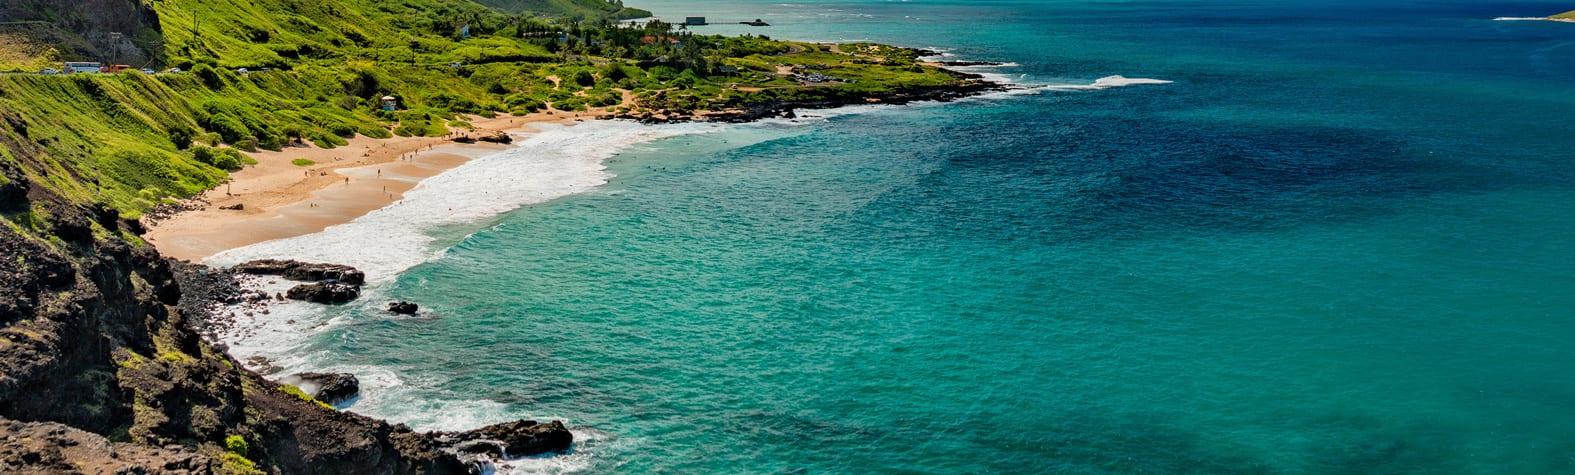 Snorkel Lanai Beach - 2097